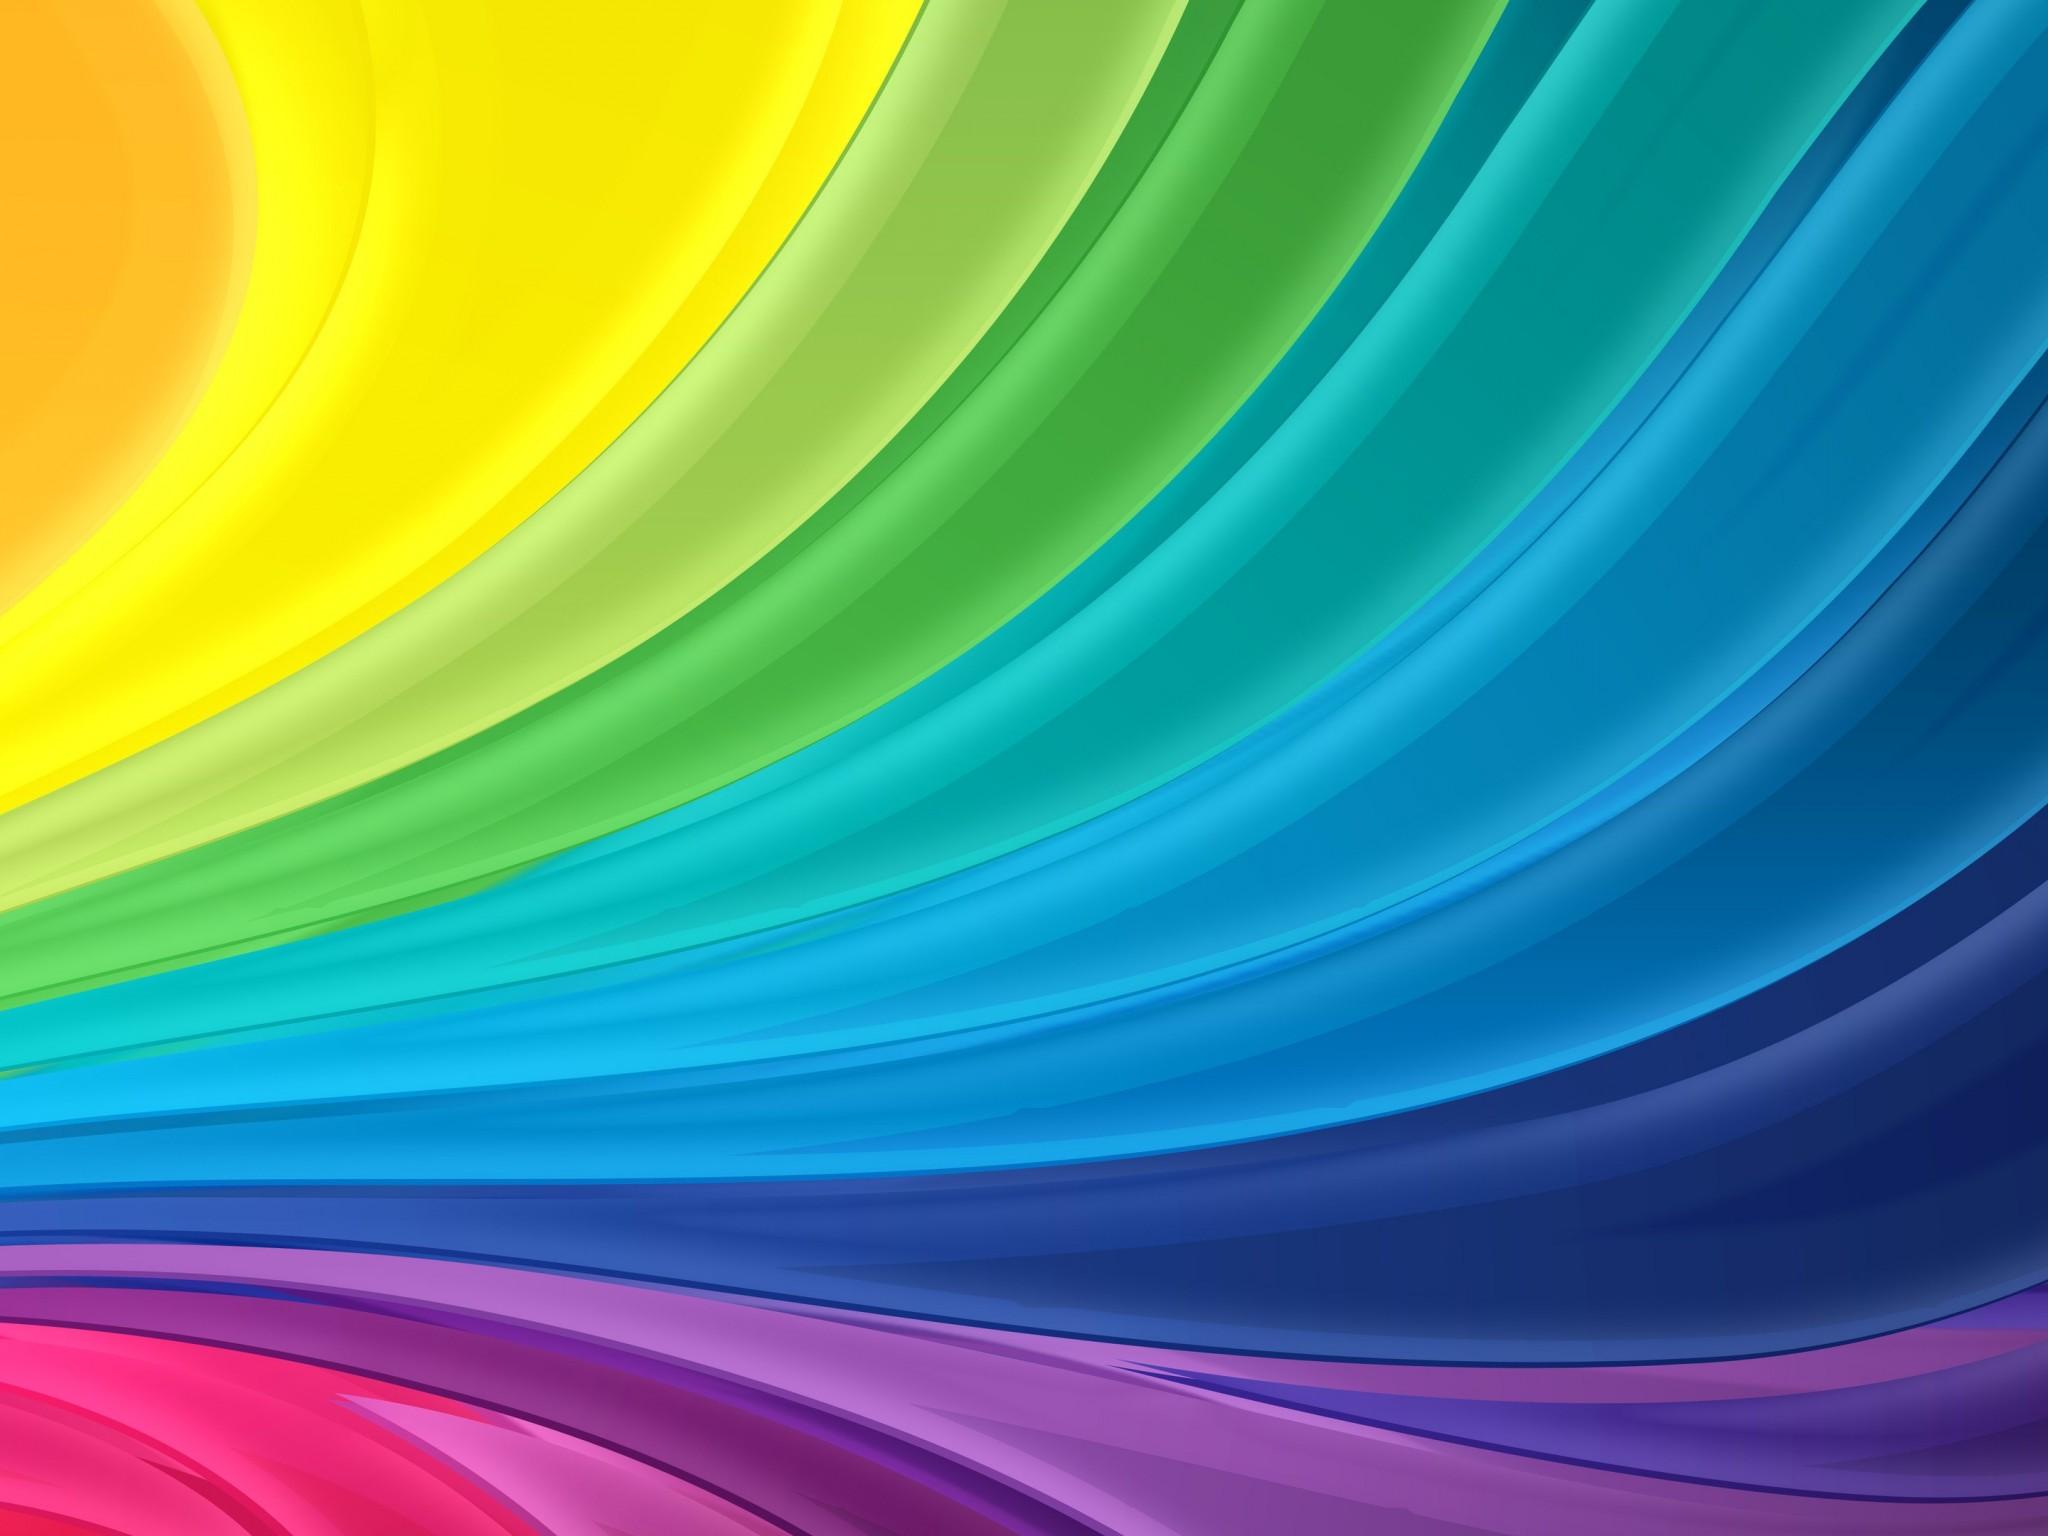 Colorful stripes 4K Ultra HD wallpaper 4k WallpaperNet 2048x1536